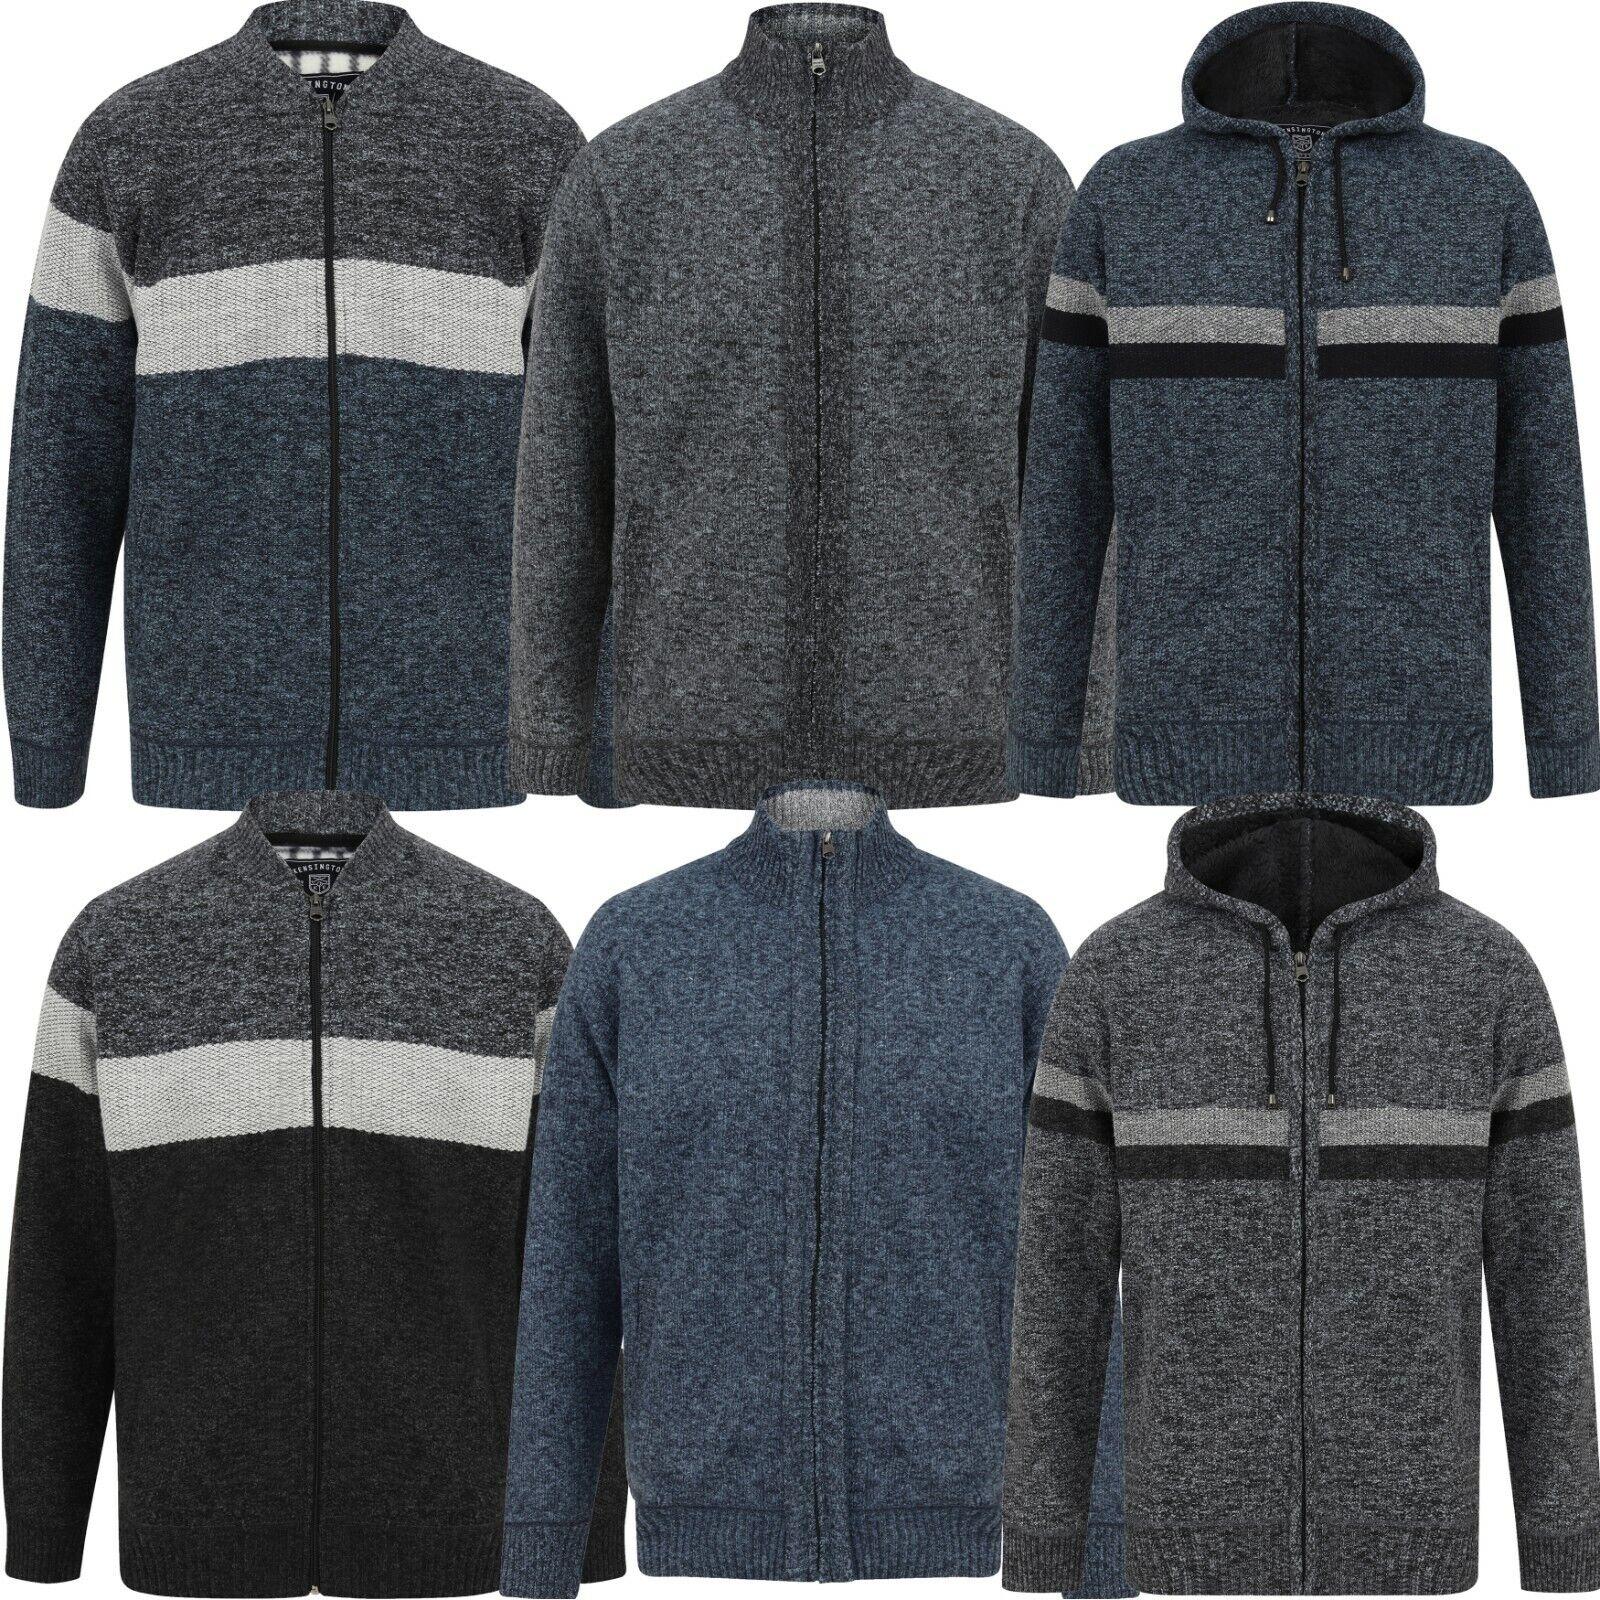 Men's Fleece Lined Jacket Full Zip Jumper Funnel Neck Cardigan & Winter Hoodie